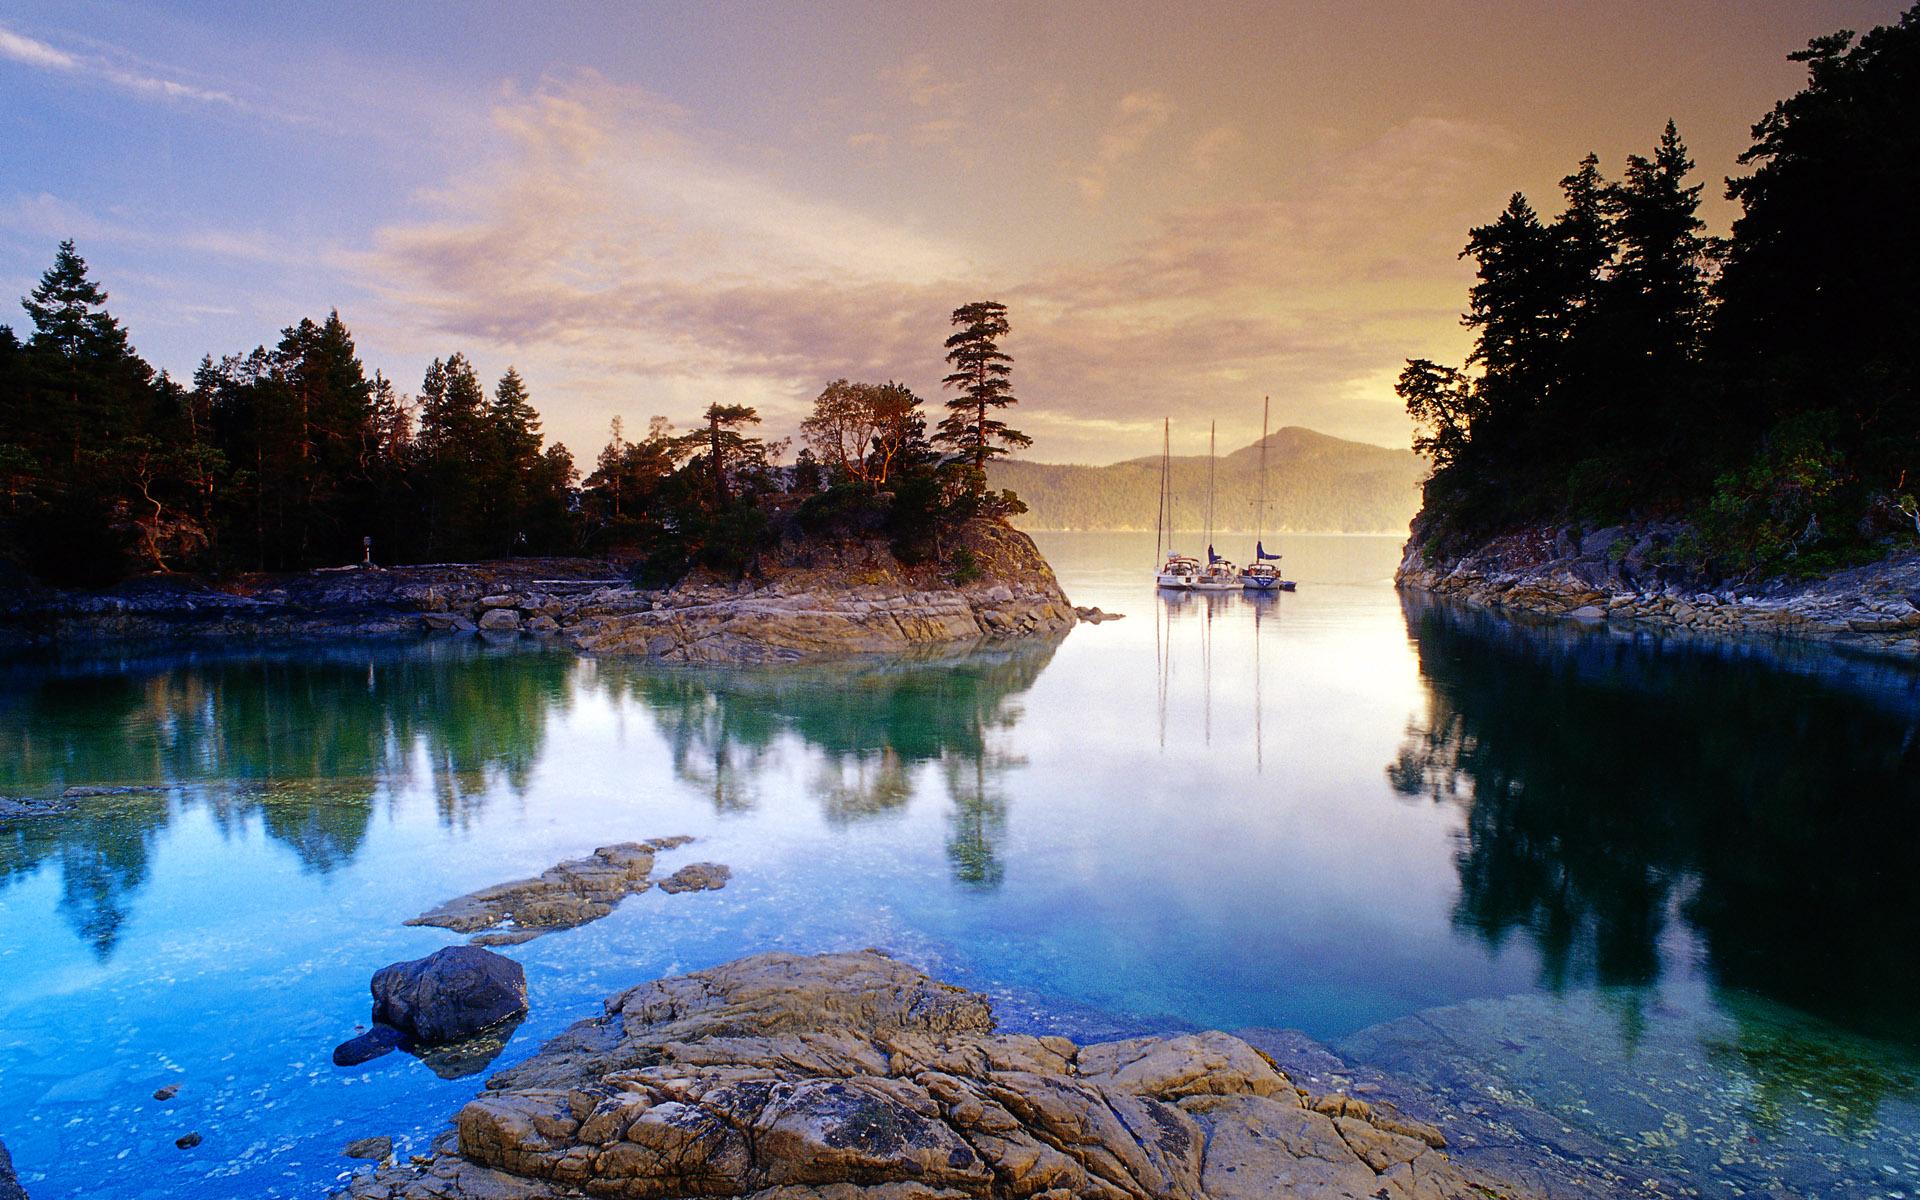 Free Download Hauptseite Natur Hd Hintergrundbilder Canada